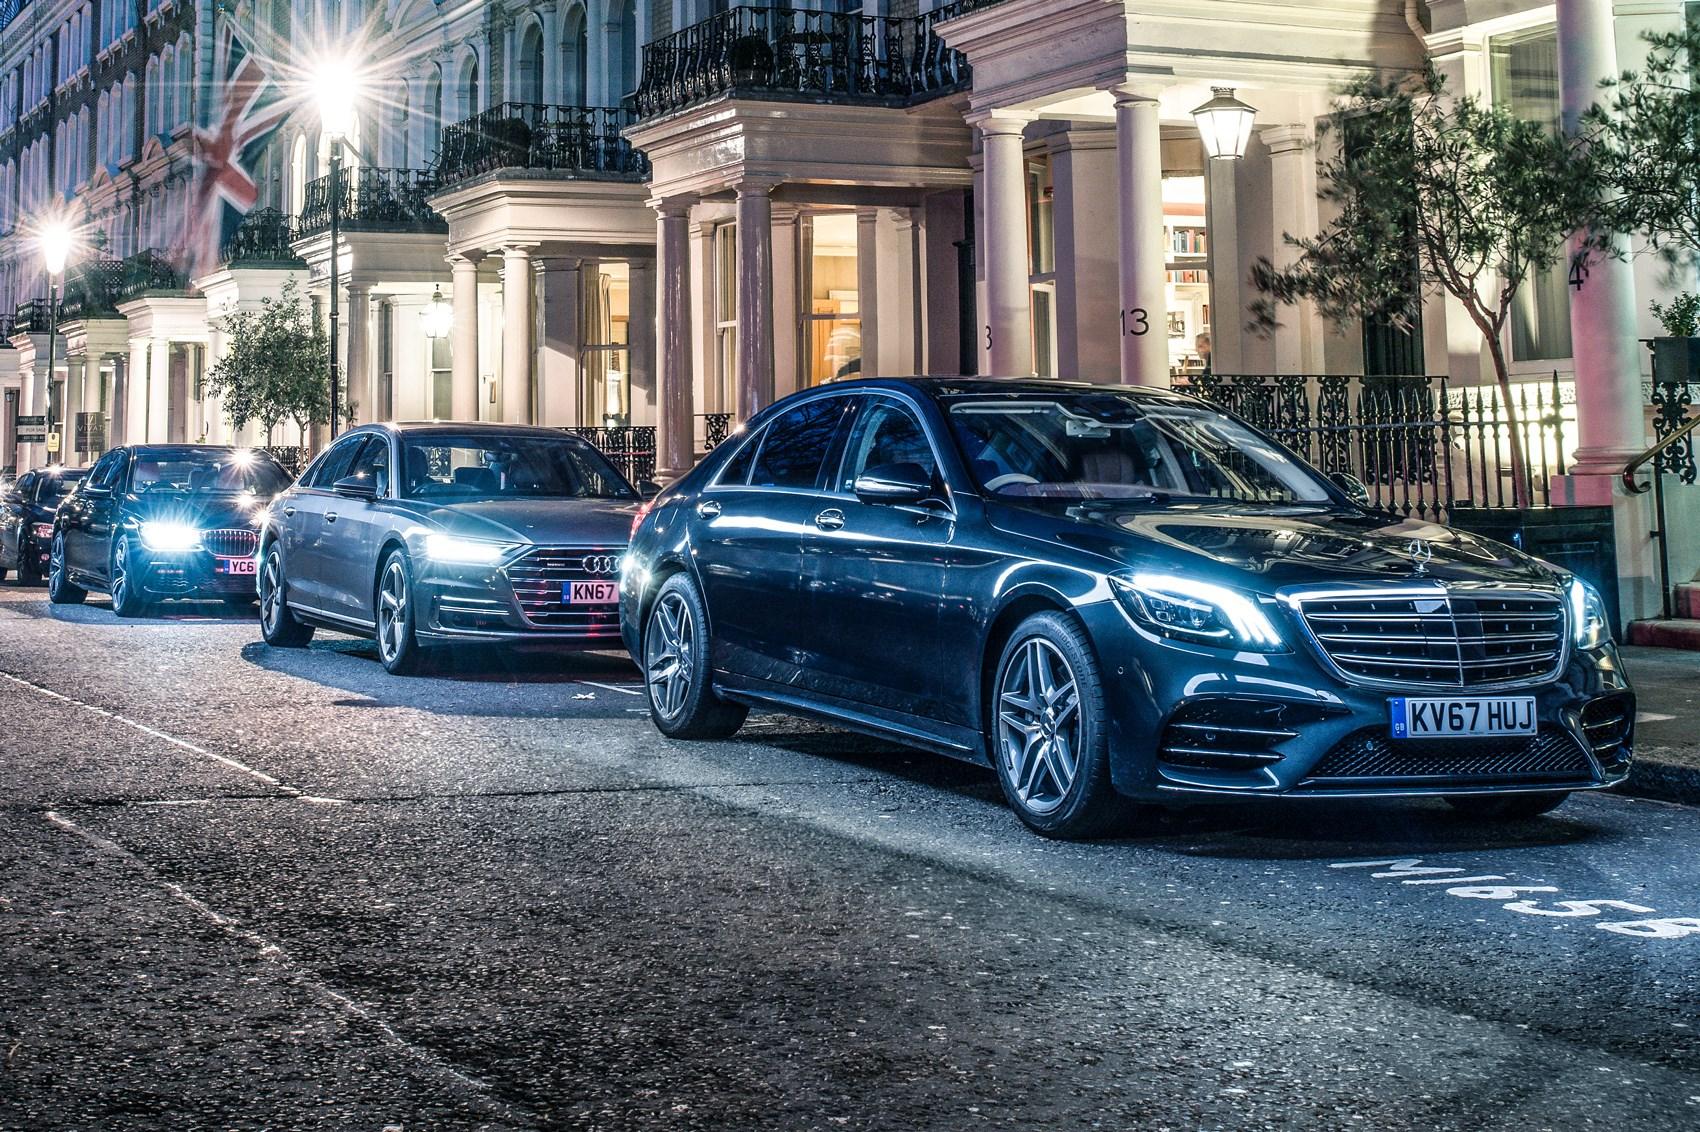 Kelebihan Audi Bmw Mercedes Top Model Tahun Ini